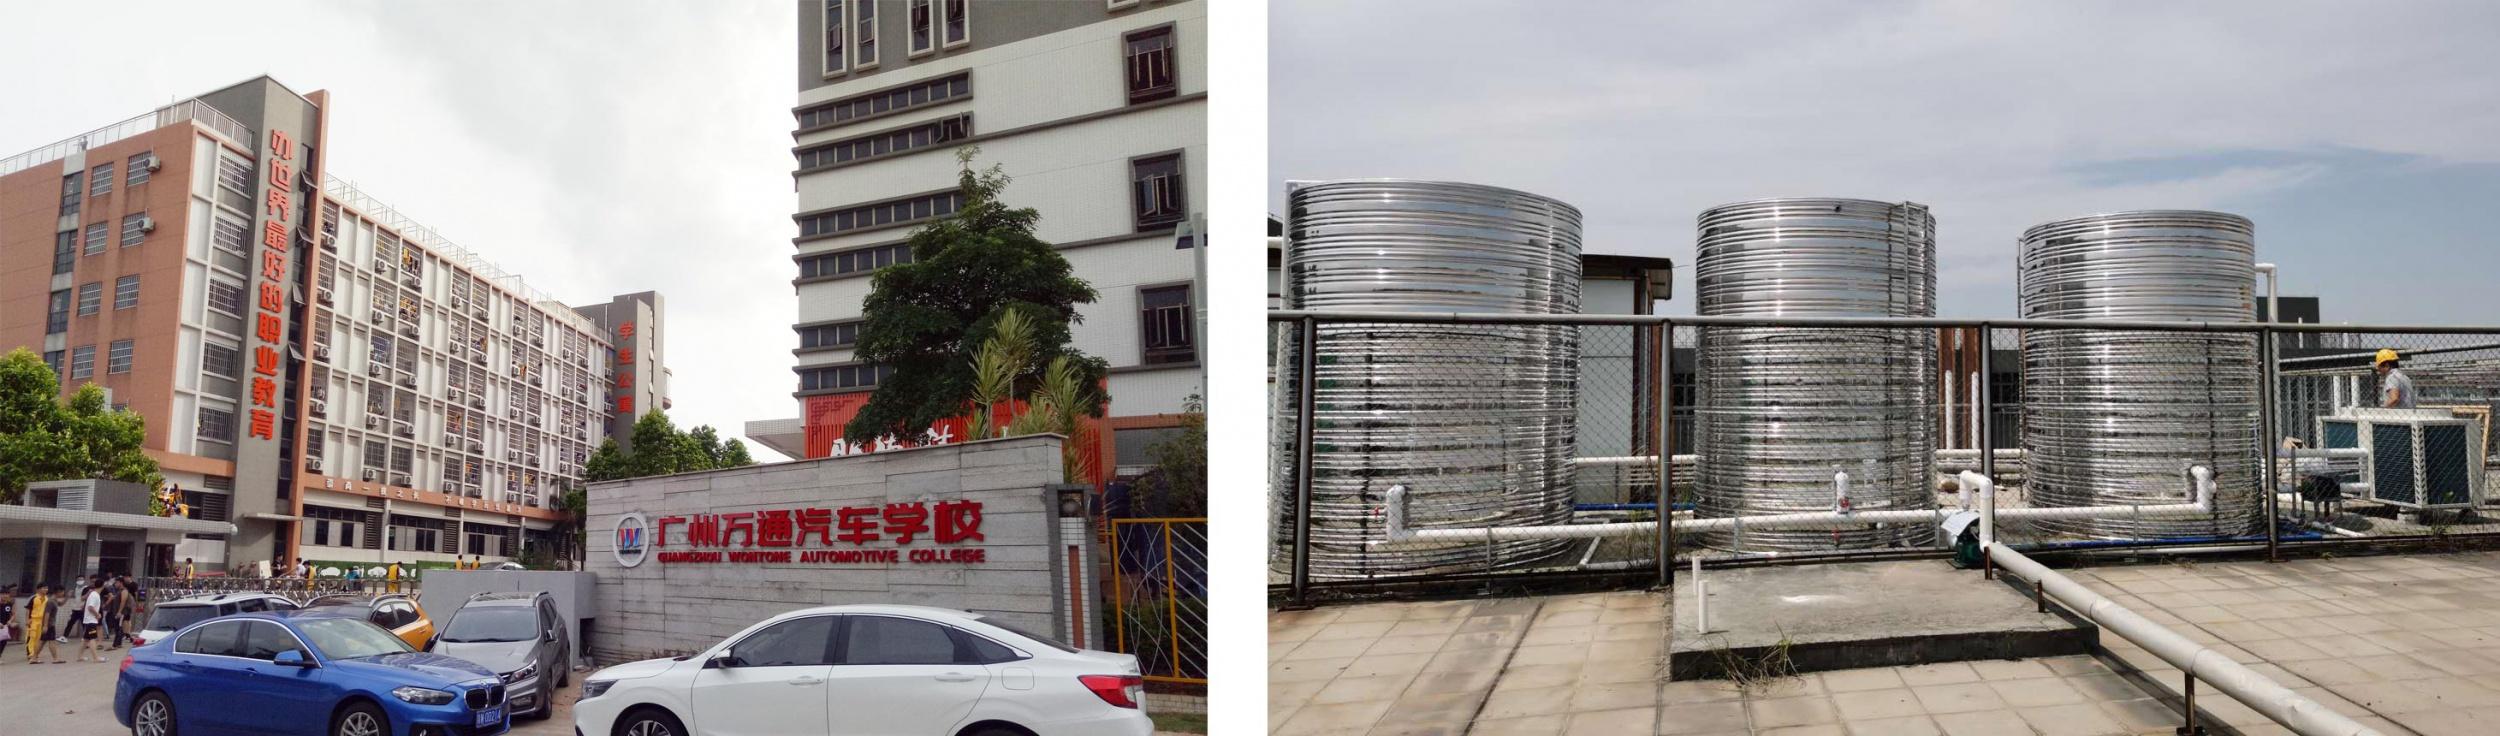 廣州萬通汽車學校